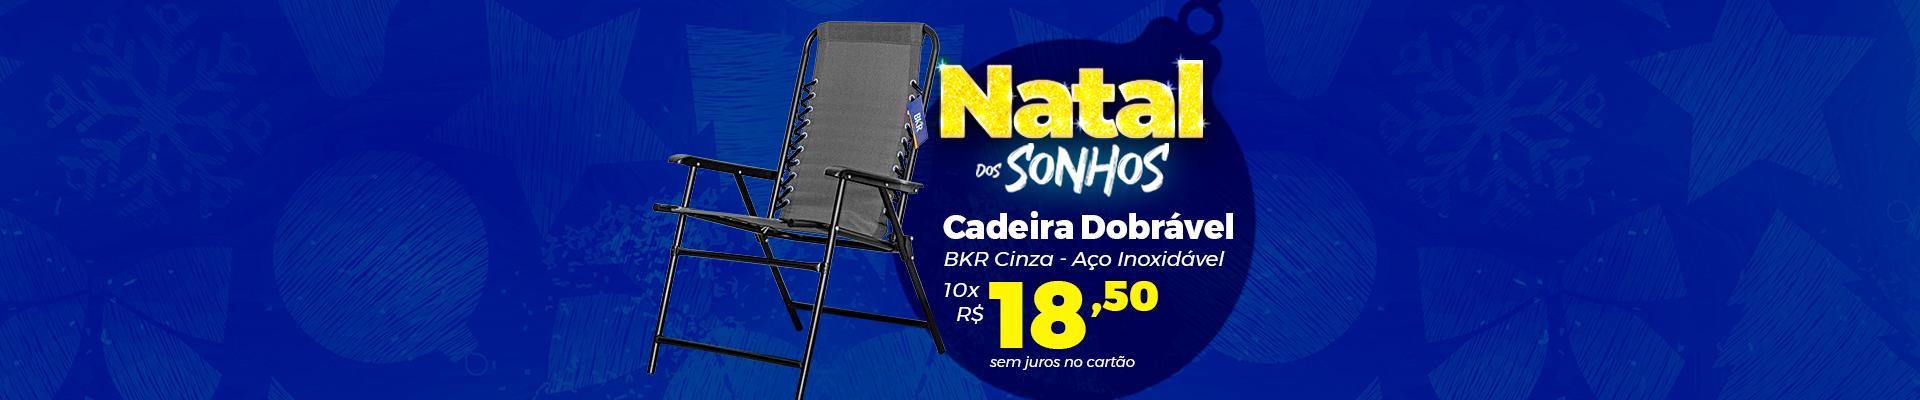 DEZEMBRO - Cadeira BKR